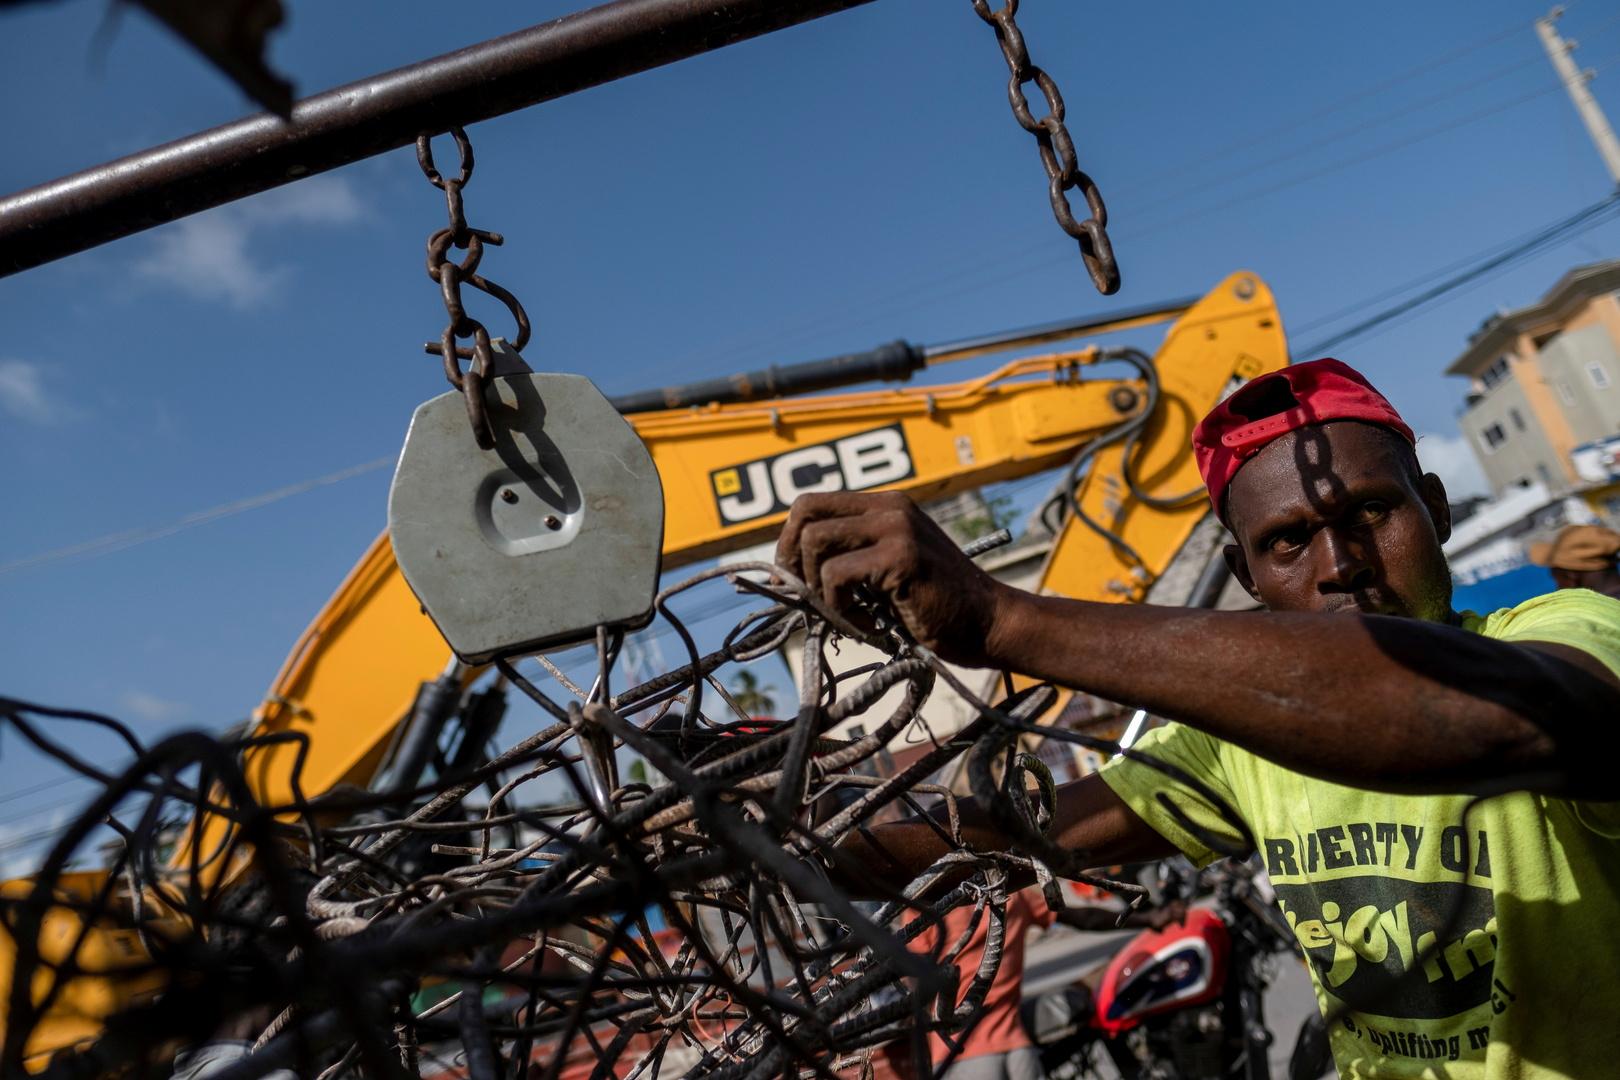 حصيلة ضحايا زلزال هايتي تتخطى 2.2 ألف قتيل